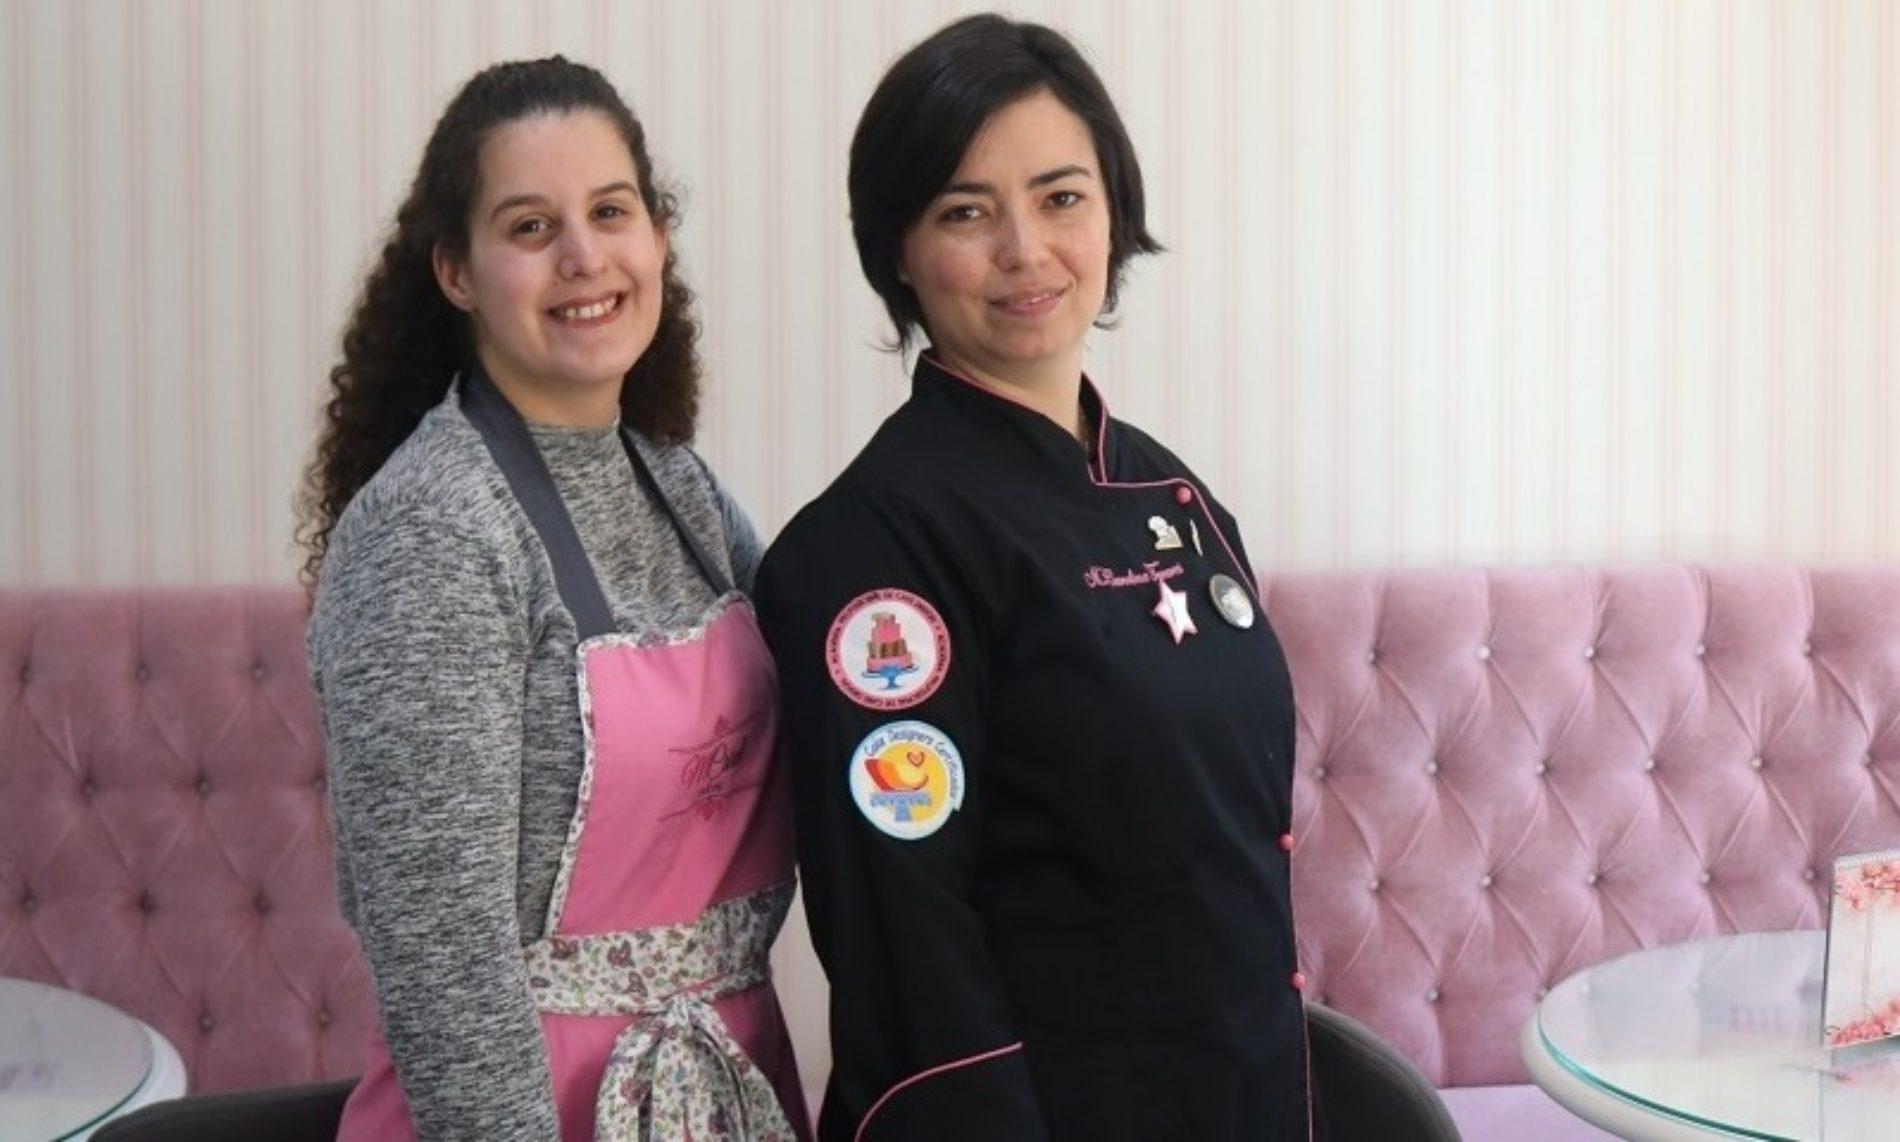 MCarol Cakes distingue-se como espaço de Cake Design em Oliveira do Hospital (com vídeo)